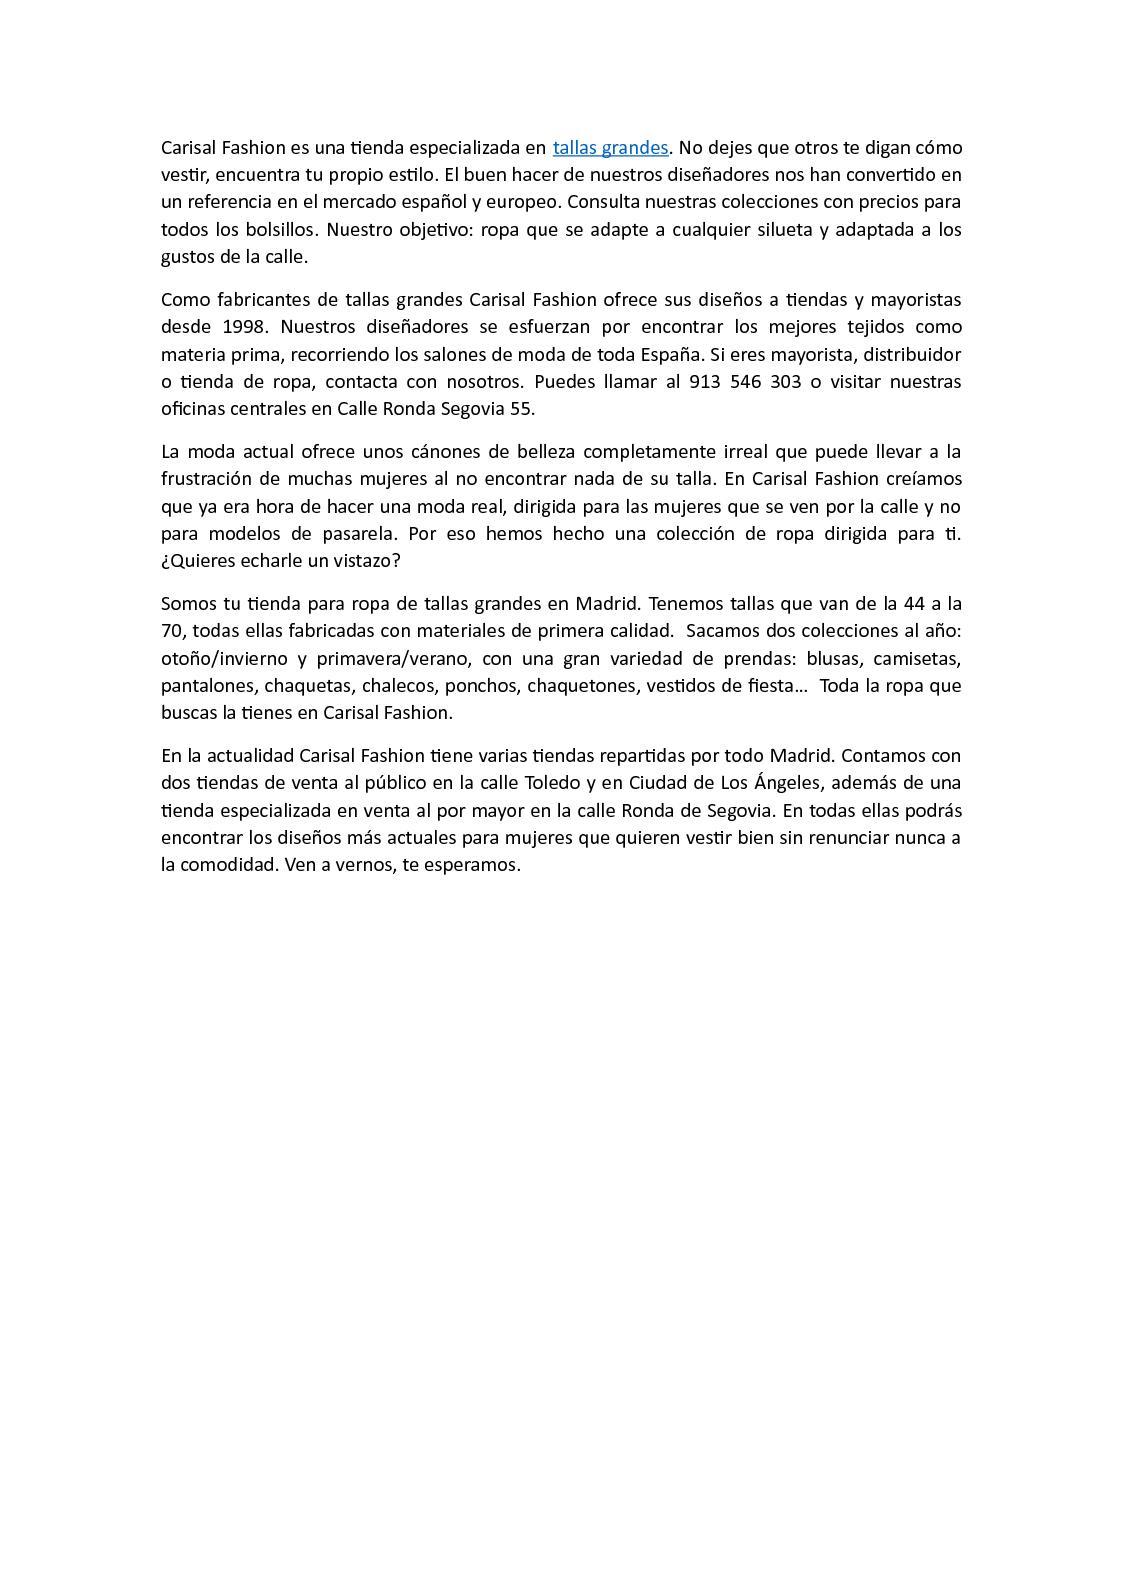 Calameo Casisal